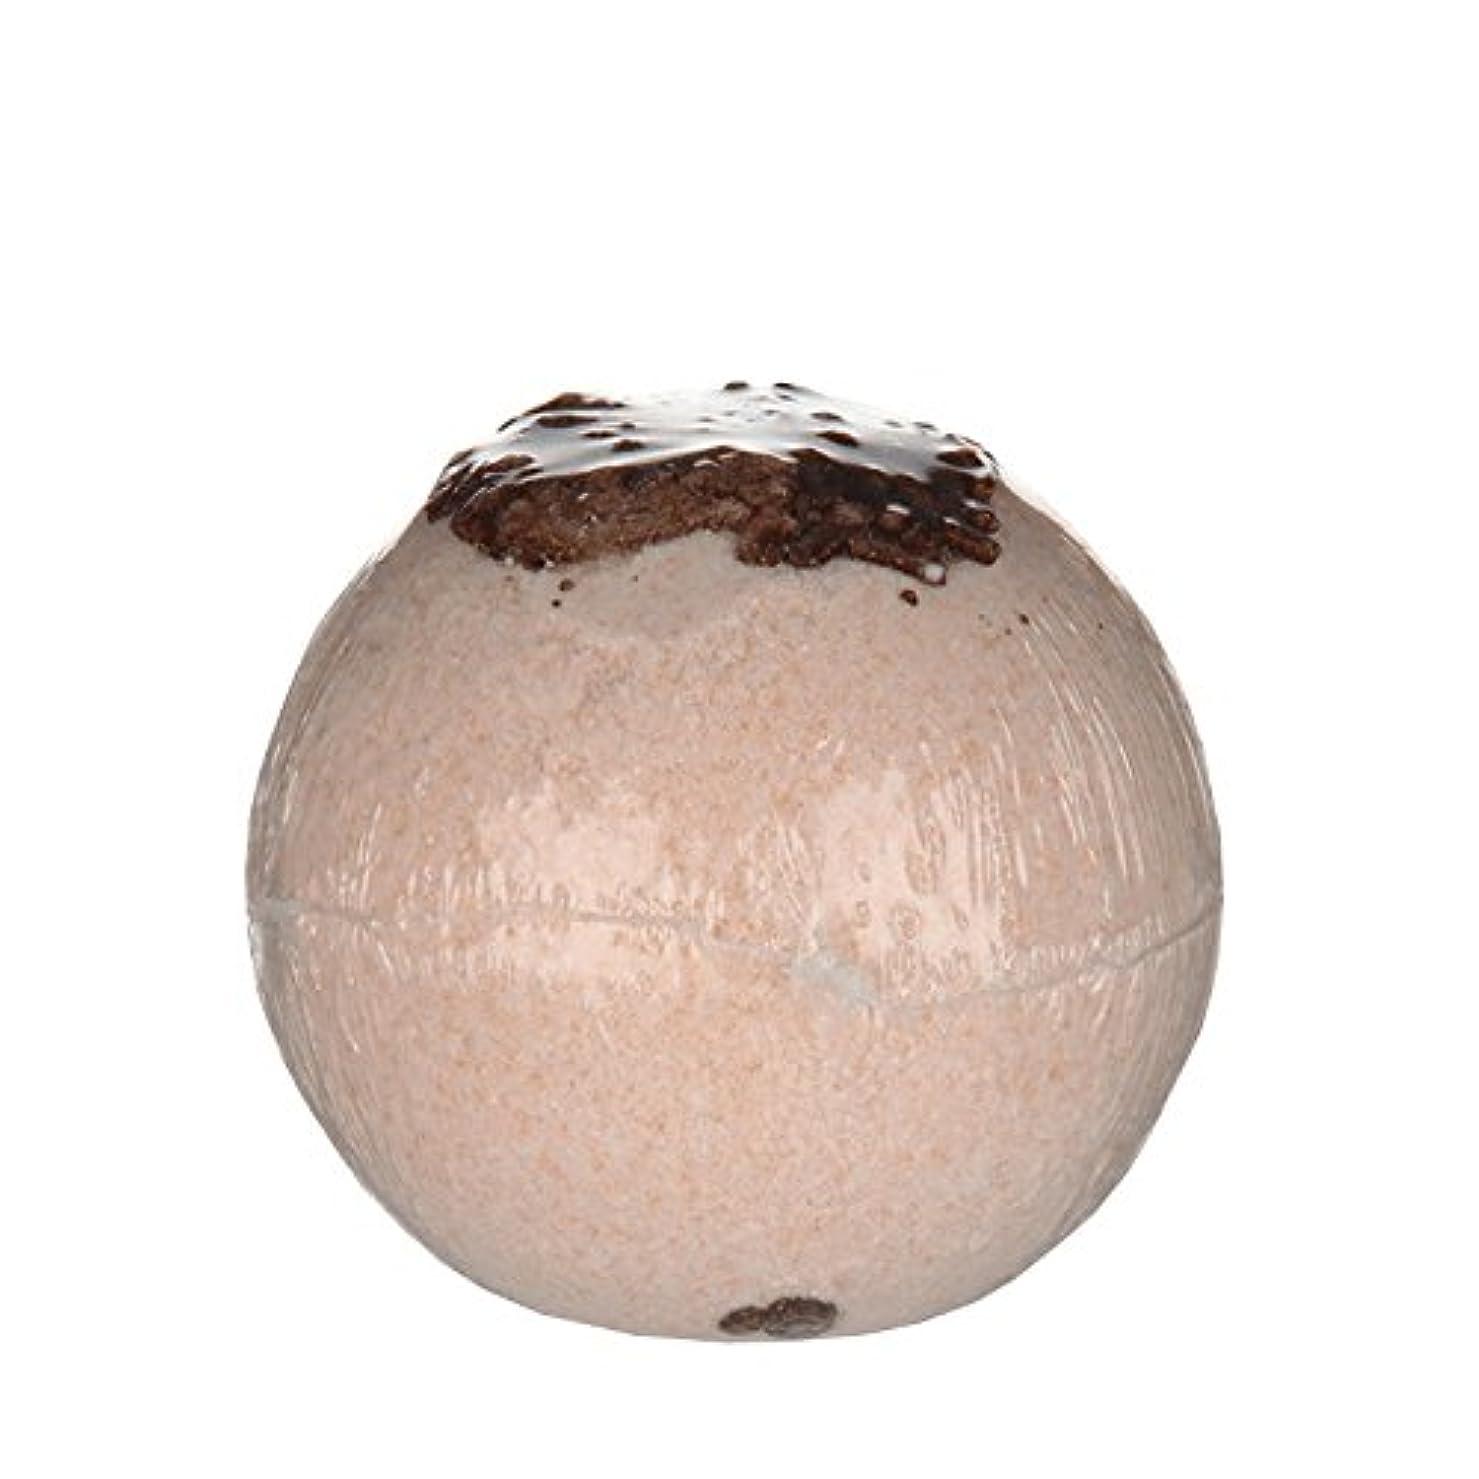 問い合わせいつ魔術師Treetsバスボールココナッツチョコレート170グラム - Treets Bath Ball Coconut Chocolate 170g (Treets) [並行輸入品]